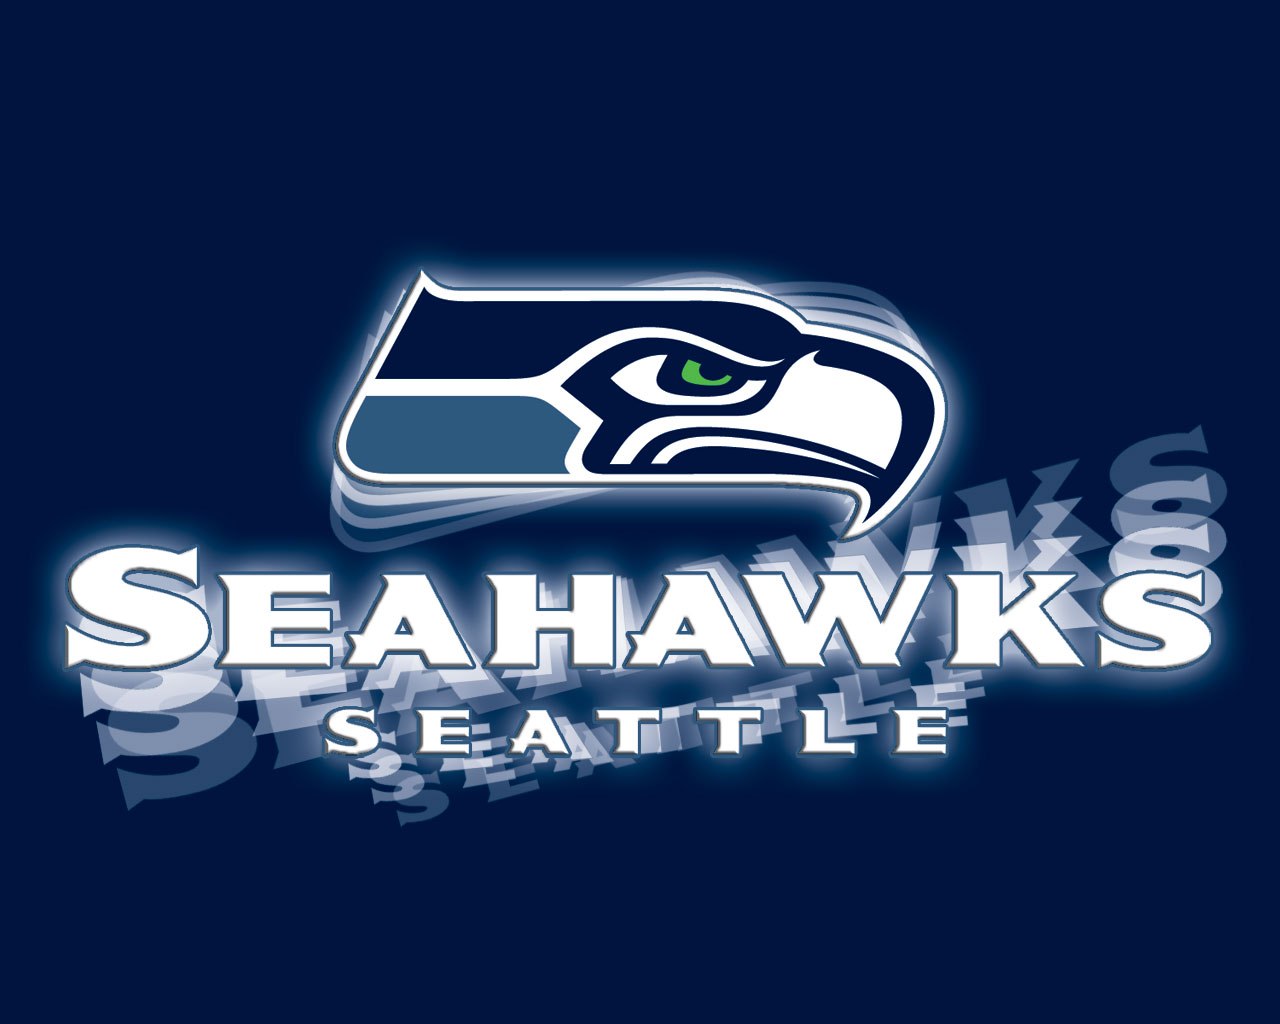 Seattle Seahawks Wallpaper 1280x1024